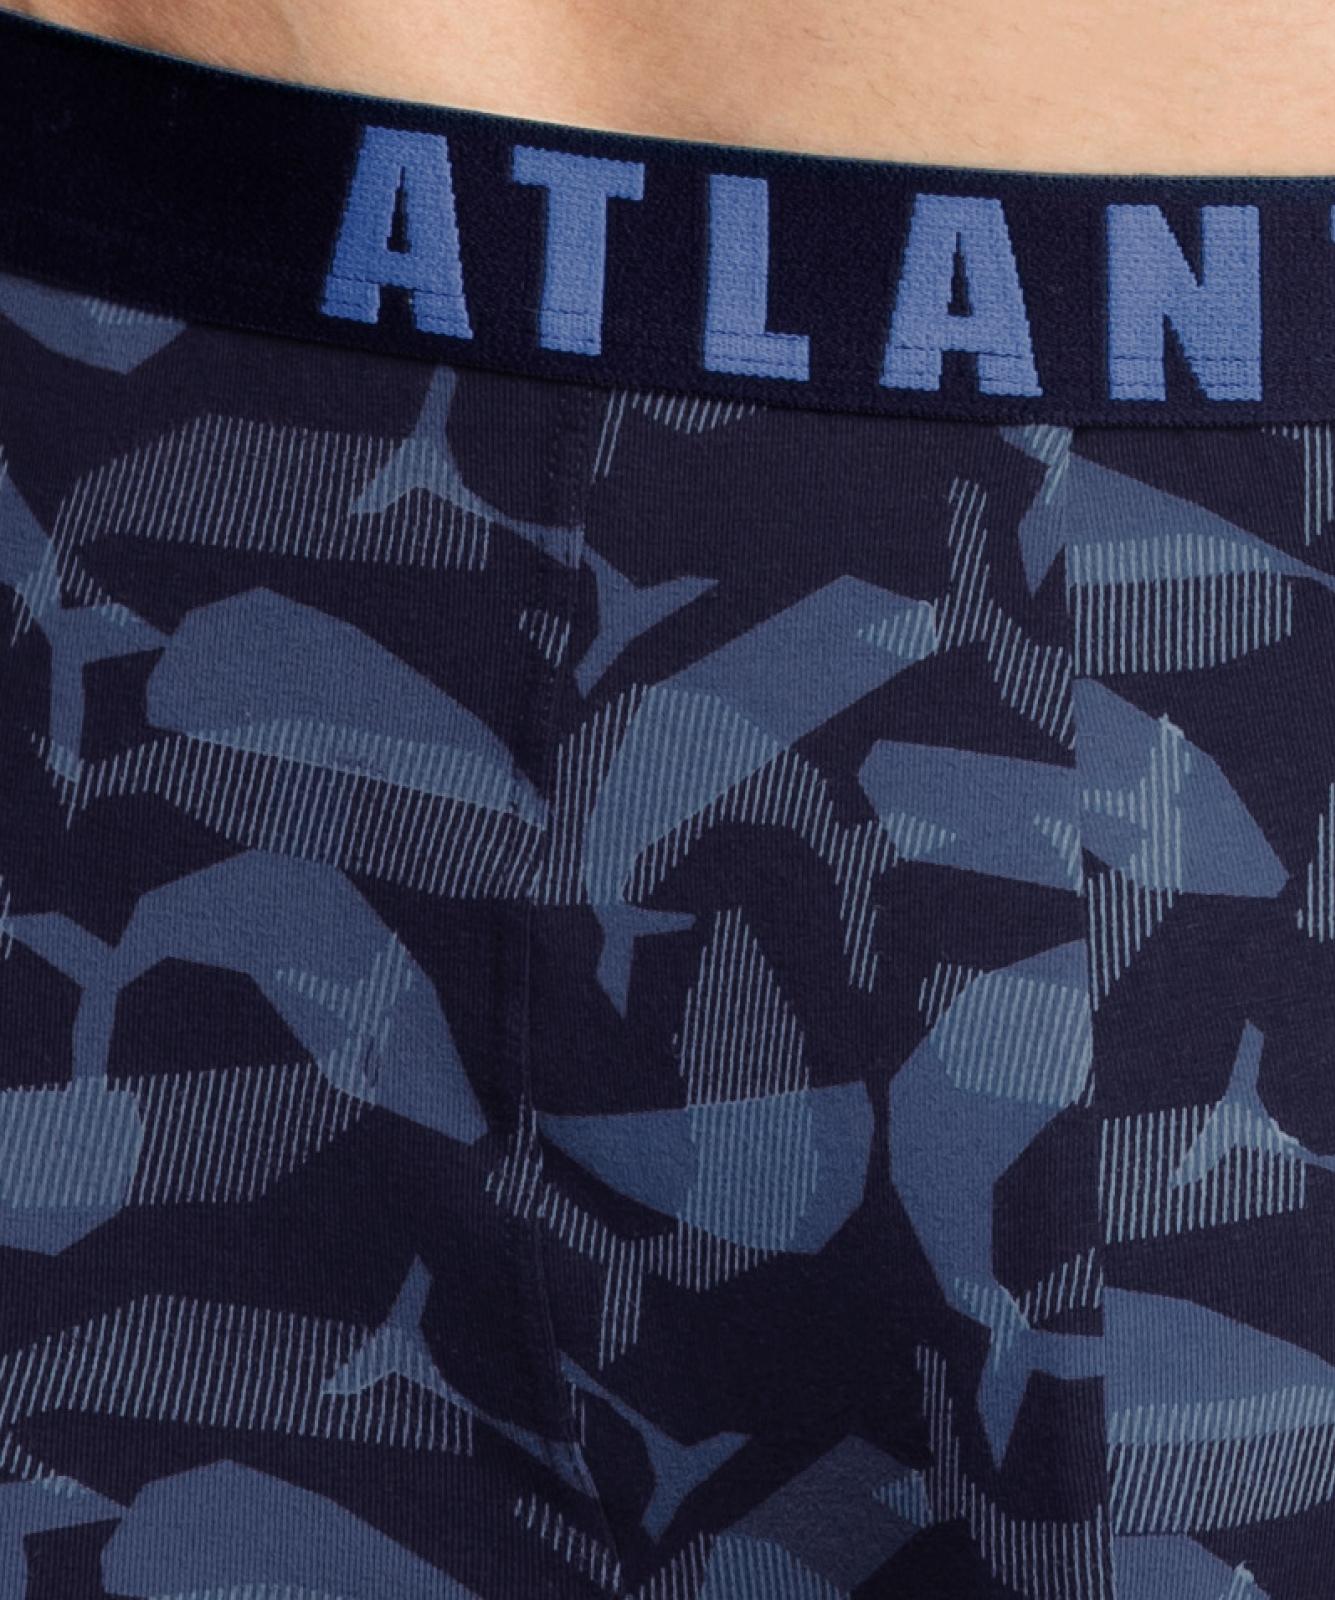 Мужские трусы шорты Atlantic, набор из 2 шт., хлопок, темно-синие, 2MH-1177